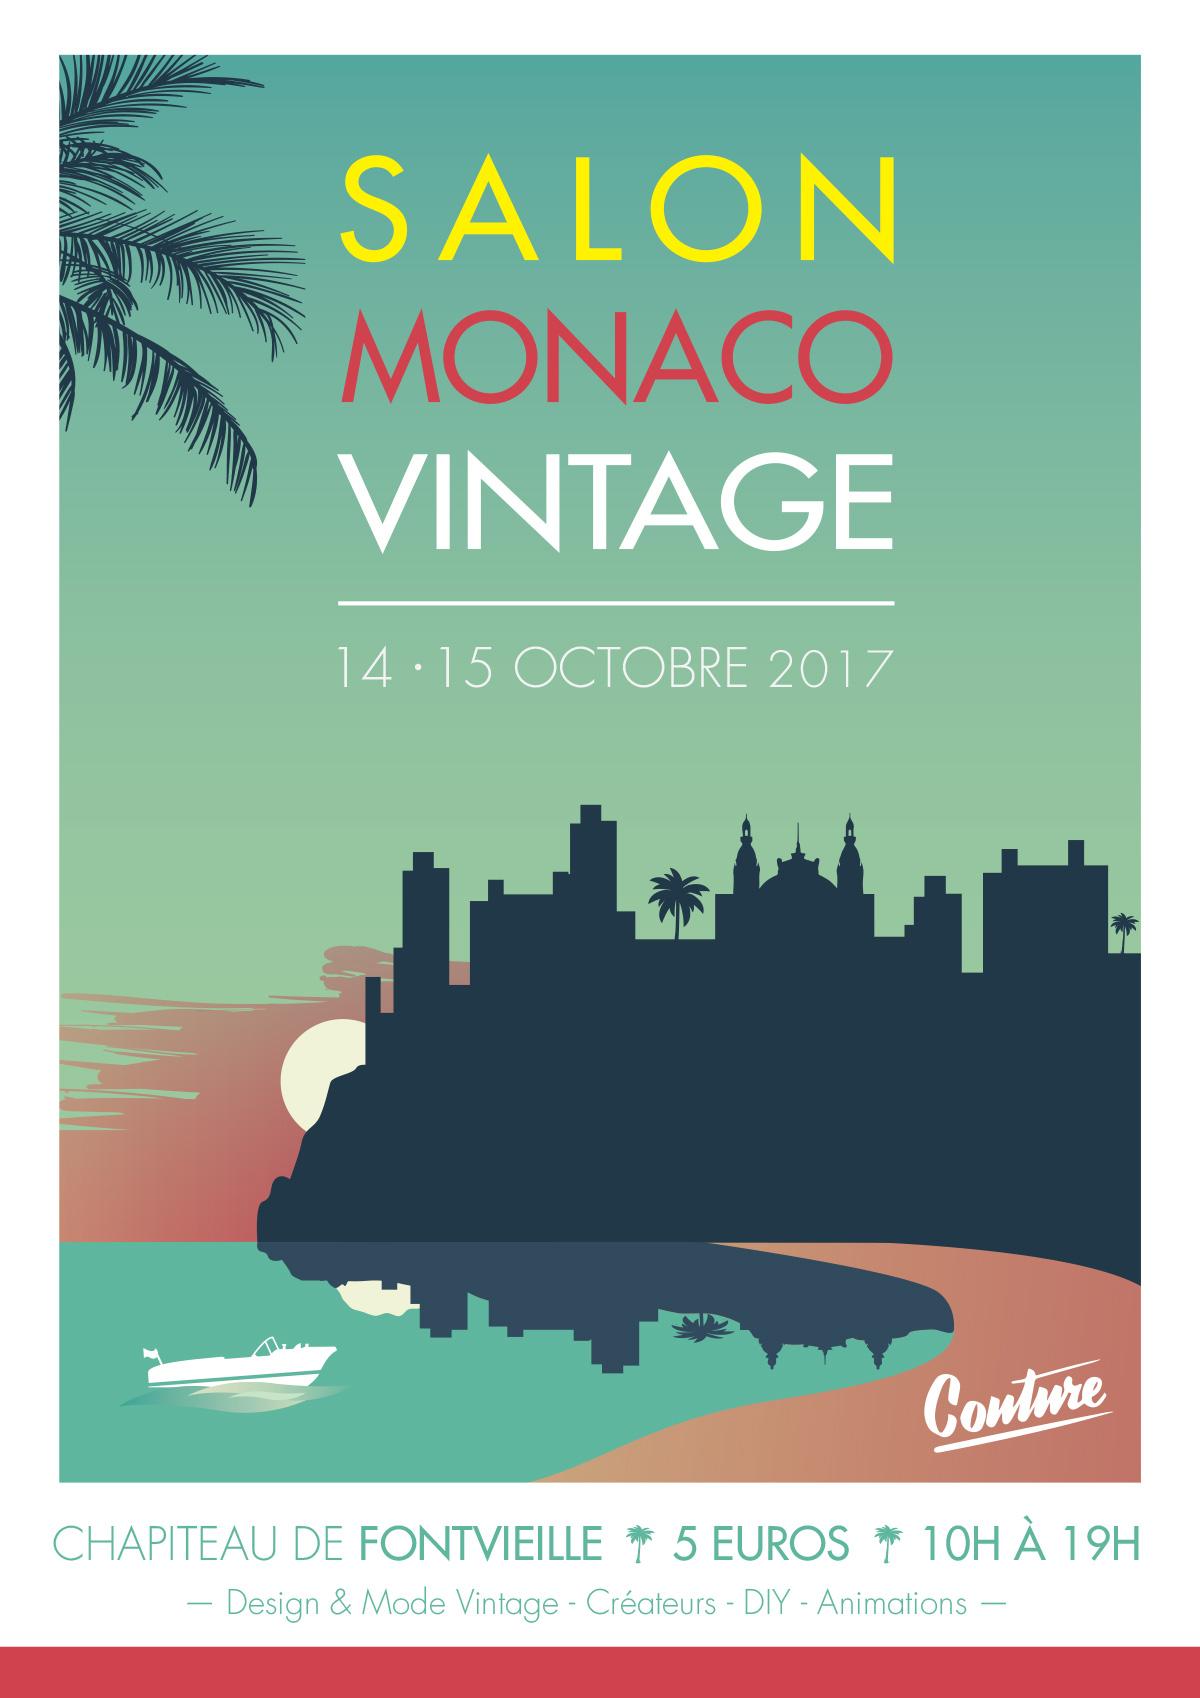 salon monaco vintage 2017